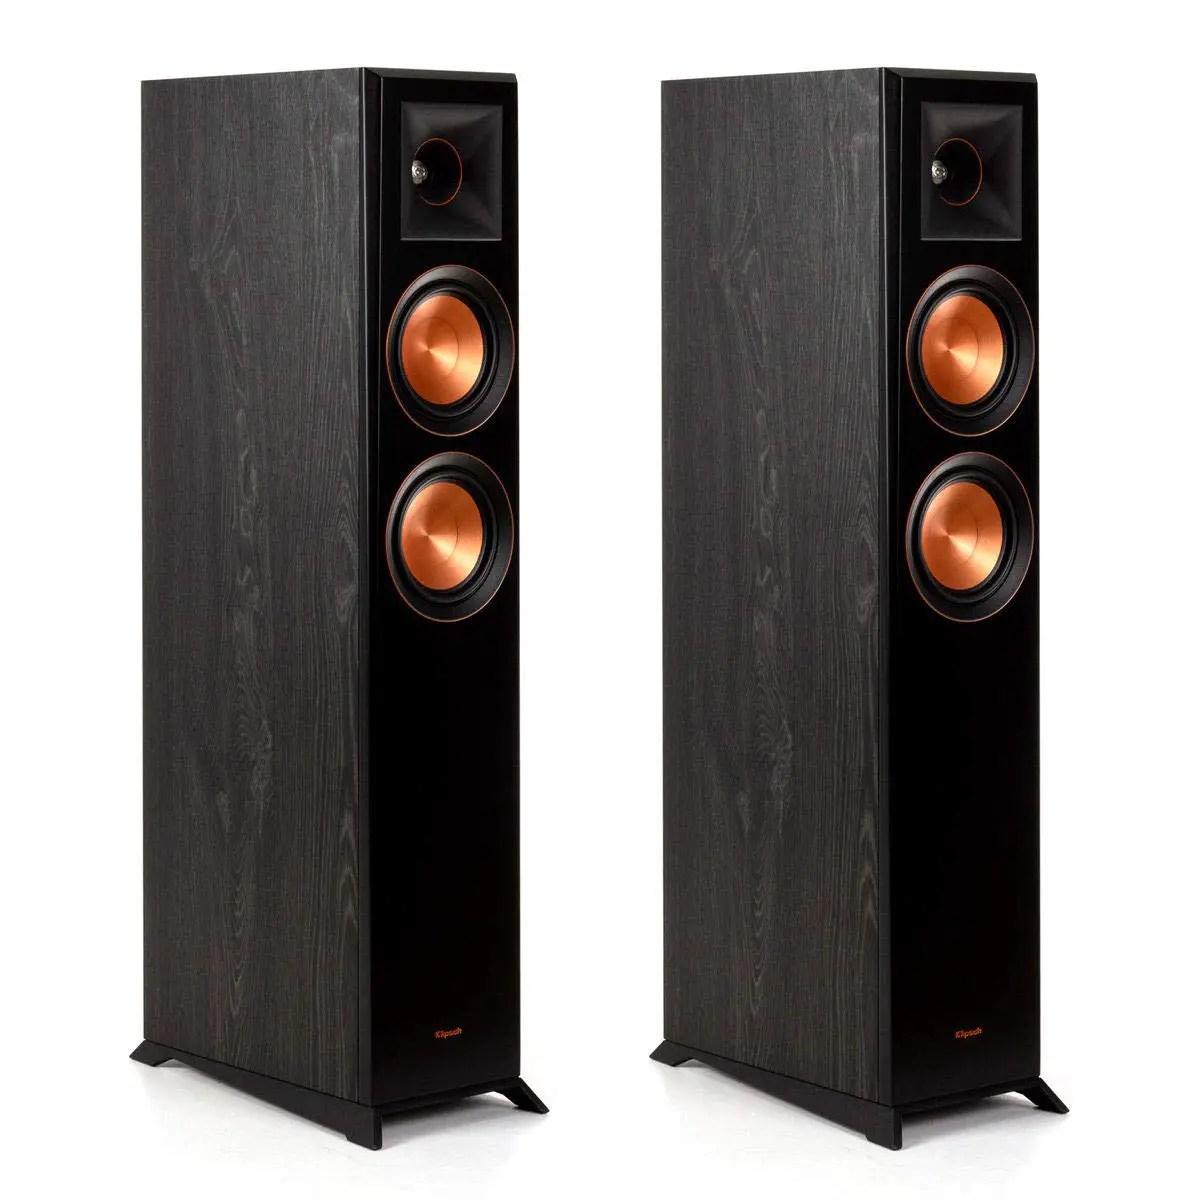 Klipsch RP-5000F Floorstanding Speakers